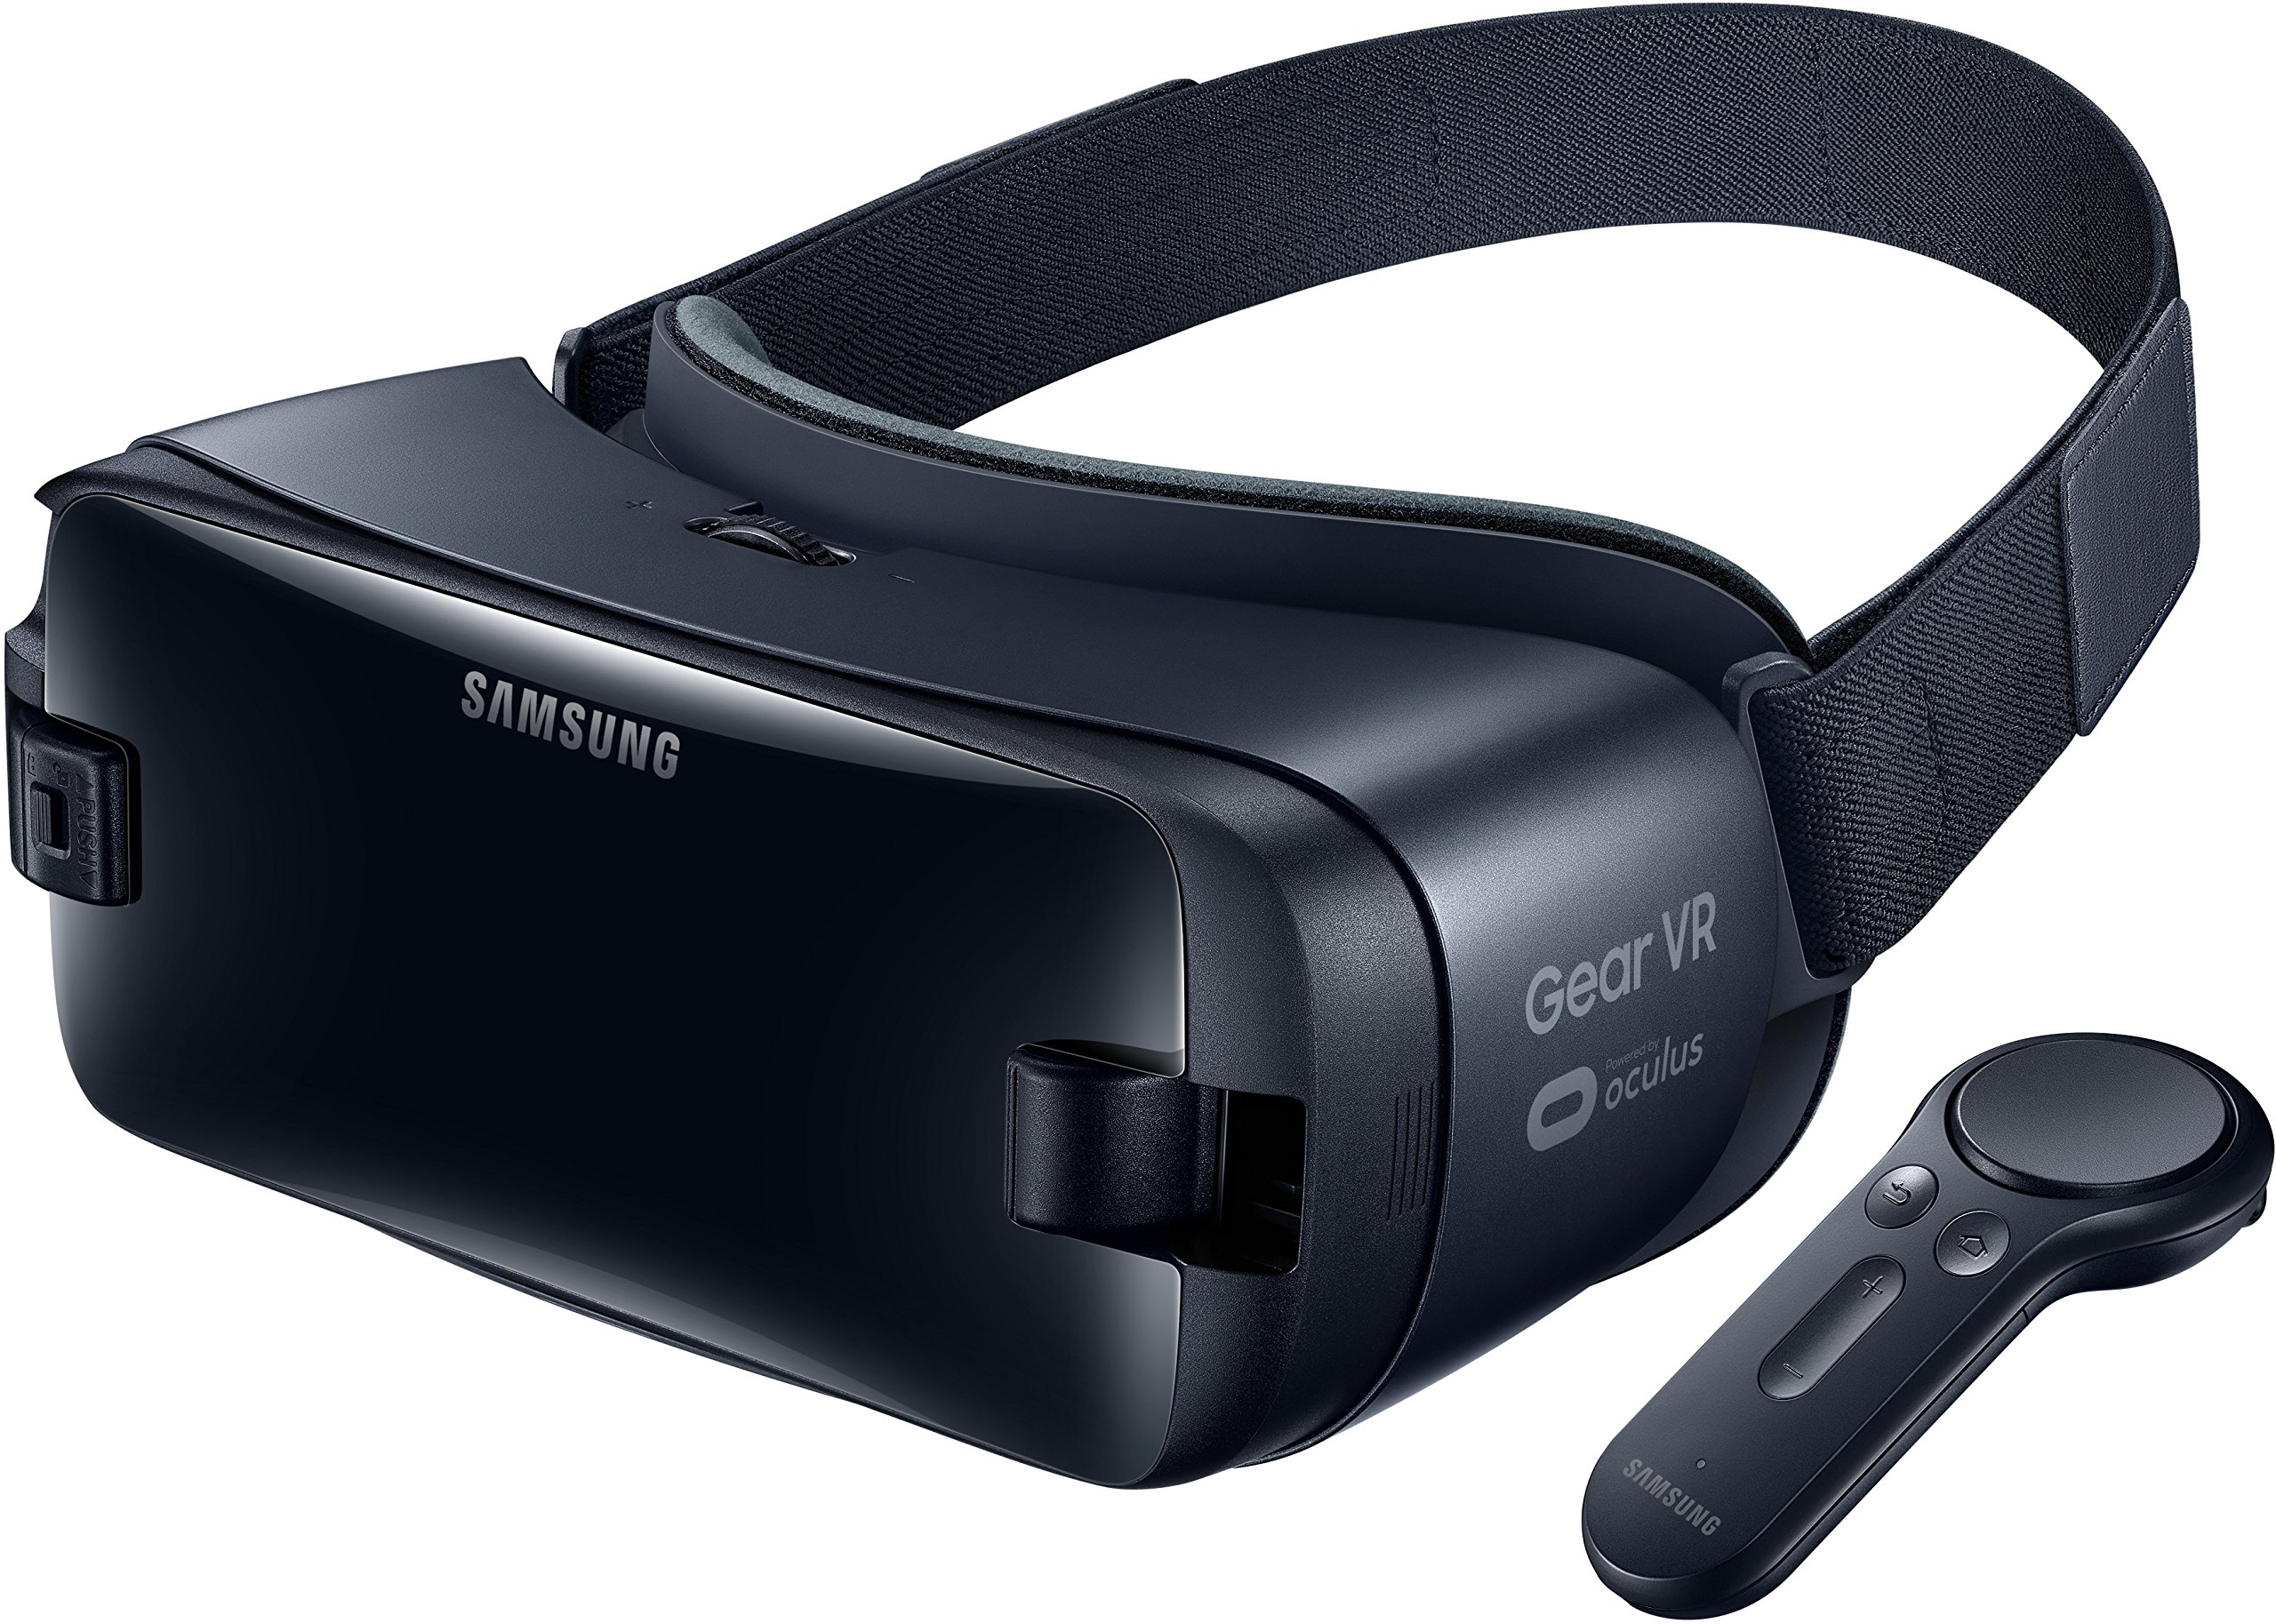 Samsung SM-R325 New Gear avec contrôleur pour Galaxy S6/S6 edge/S7/S7 edge/S8/S8 plus, Note 8 et A8 (Import Allemagne)